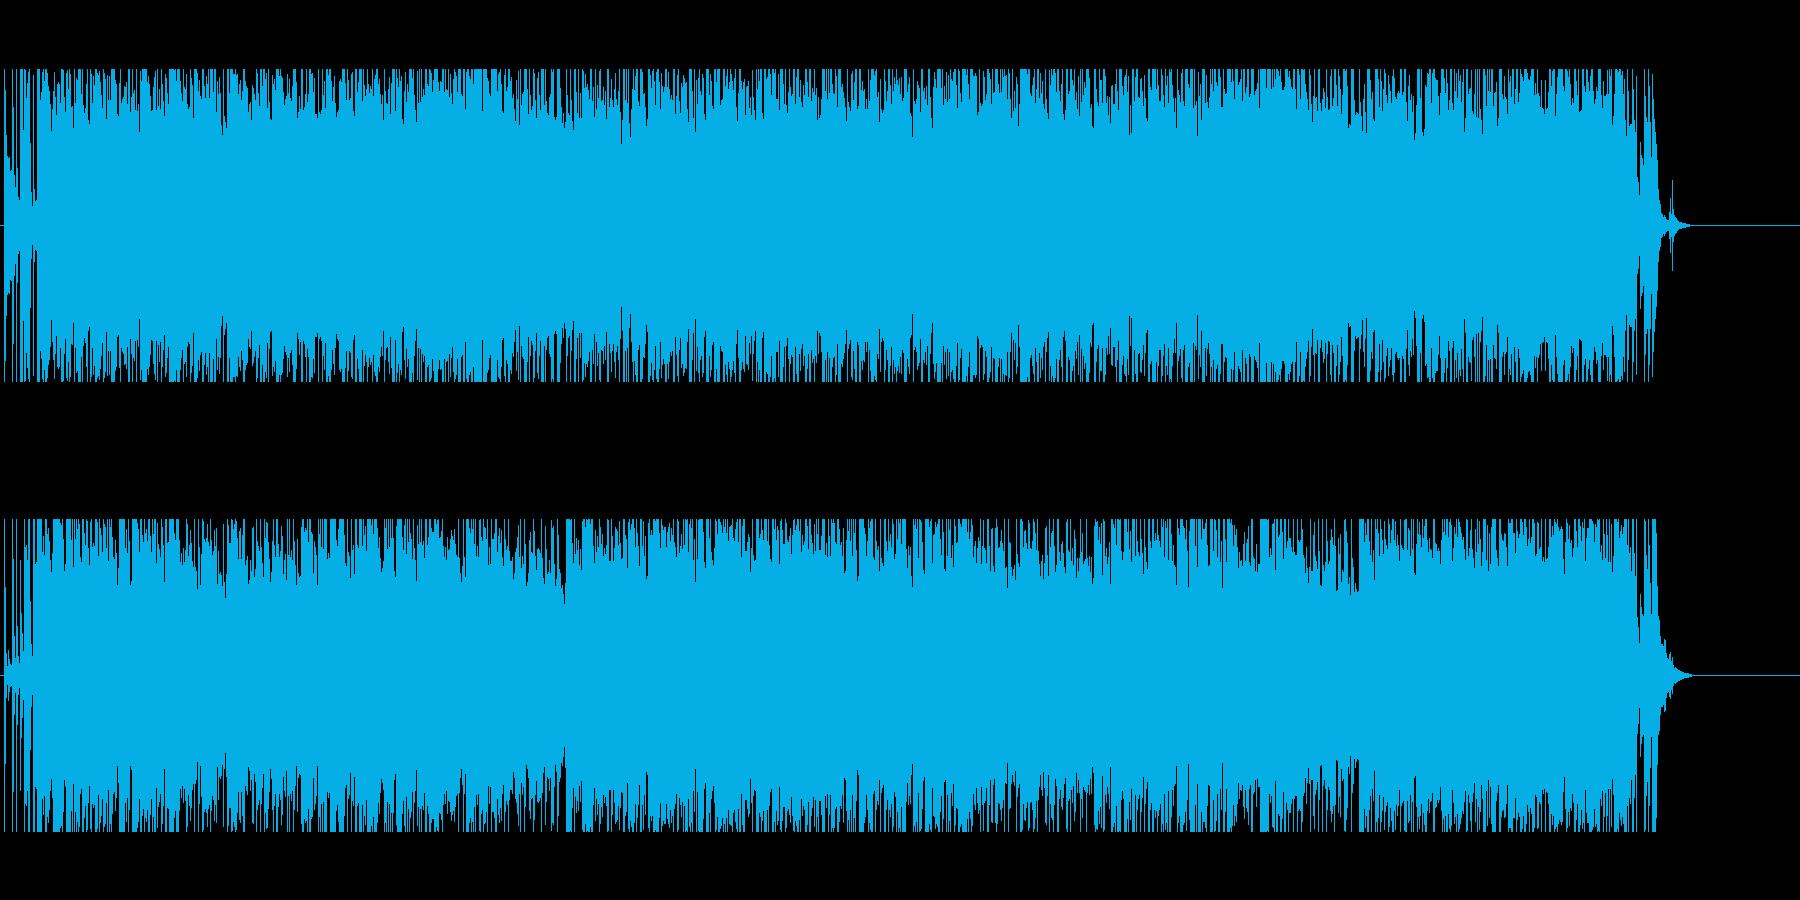 挑戦 闘志 元気 情報 追跡 軽快 情熱の再生済みの波形